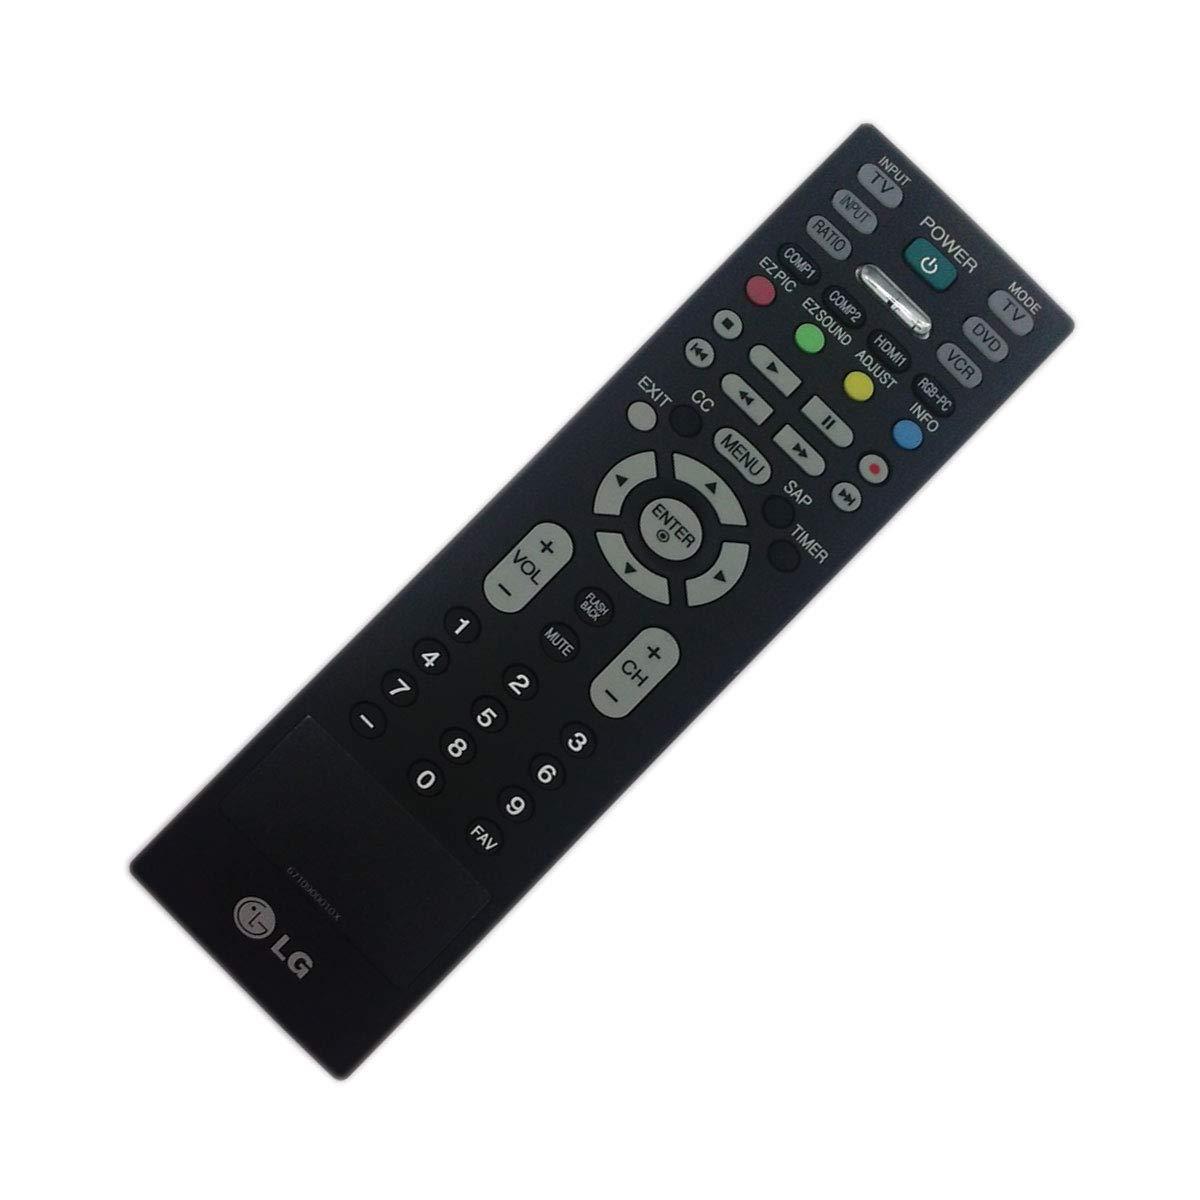 DEHA テレビリモコン LG 32LN5300UBテレビ用   B07K1VLR2Y